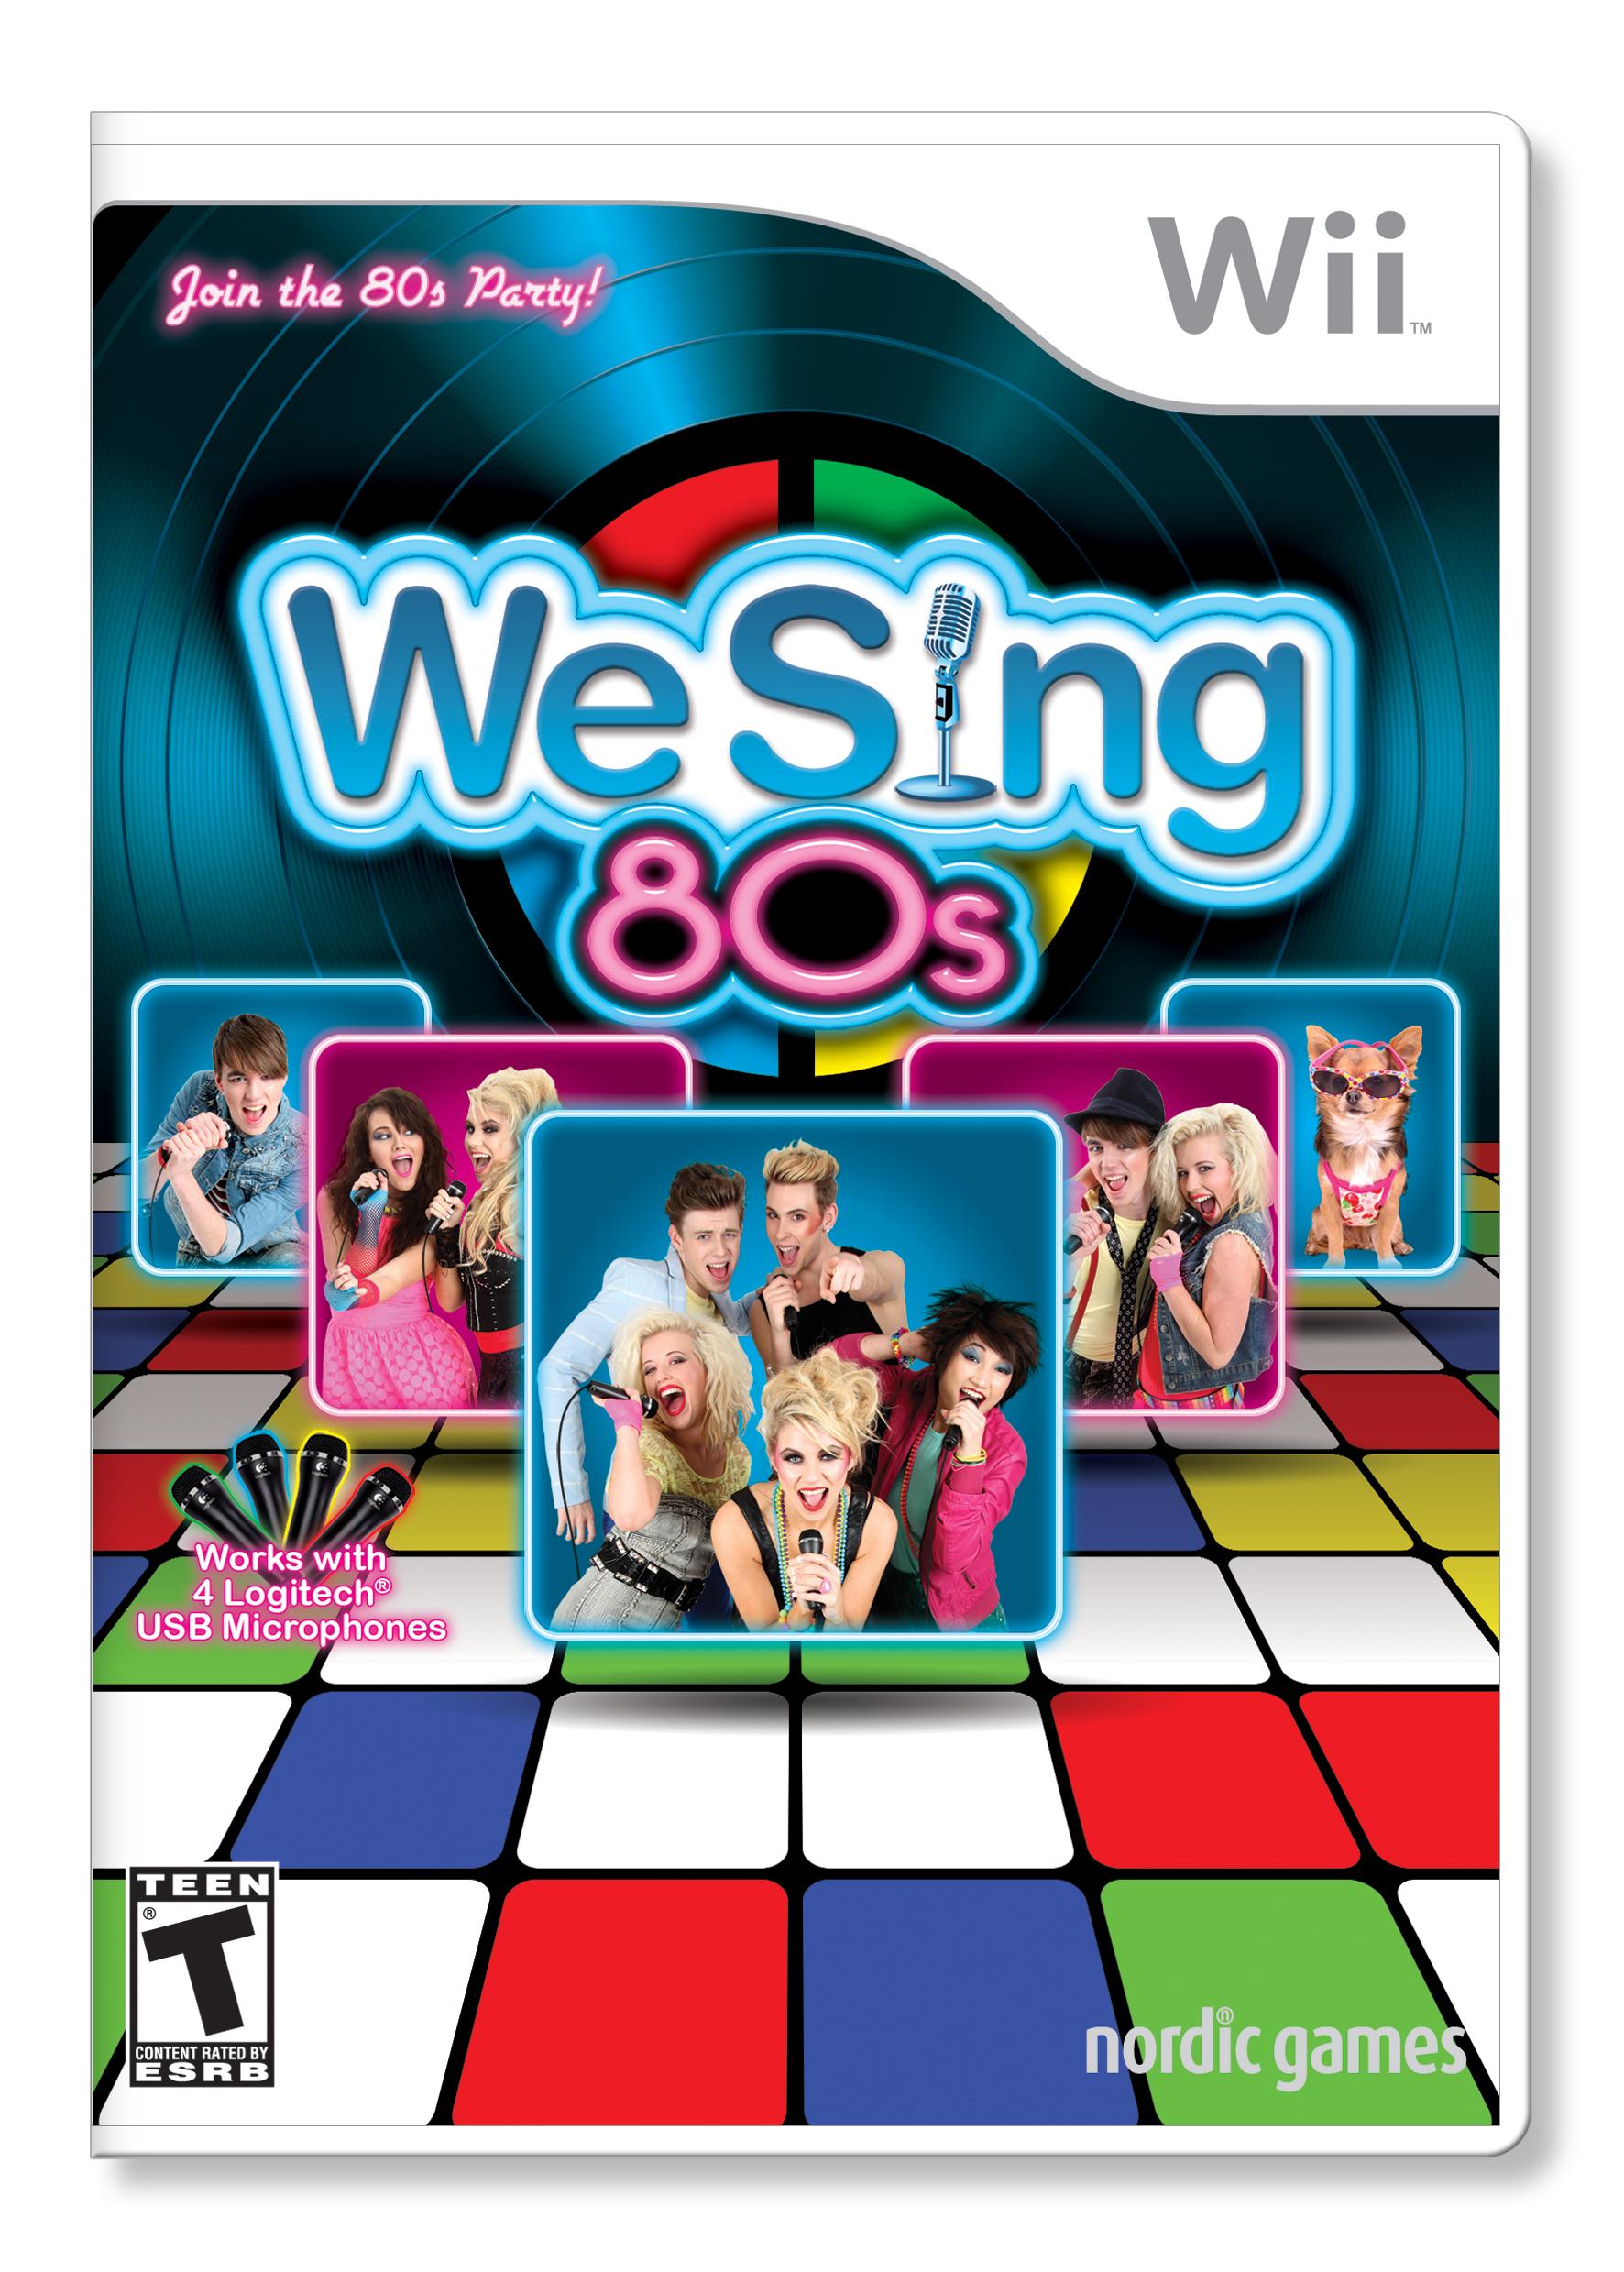 Win Wii Games WeSings 80s and WeSing POP!